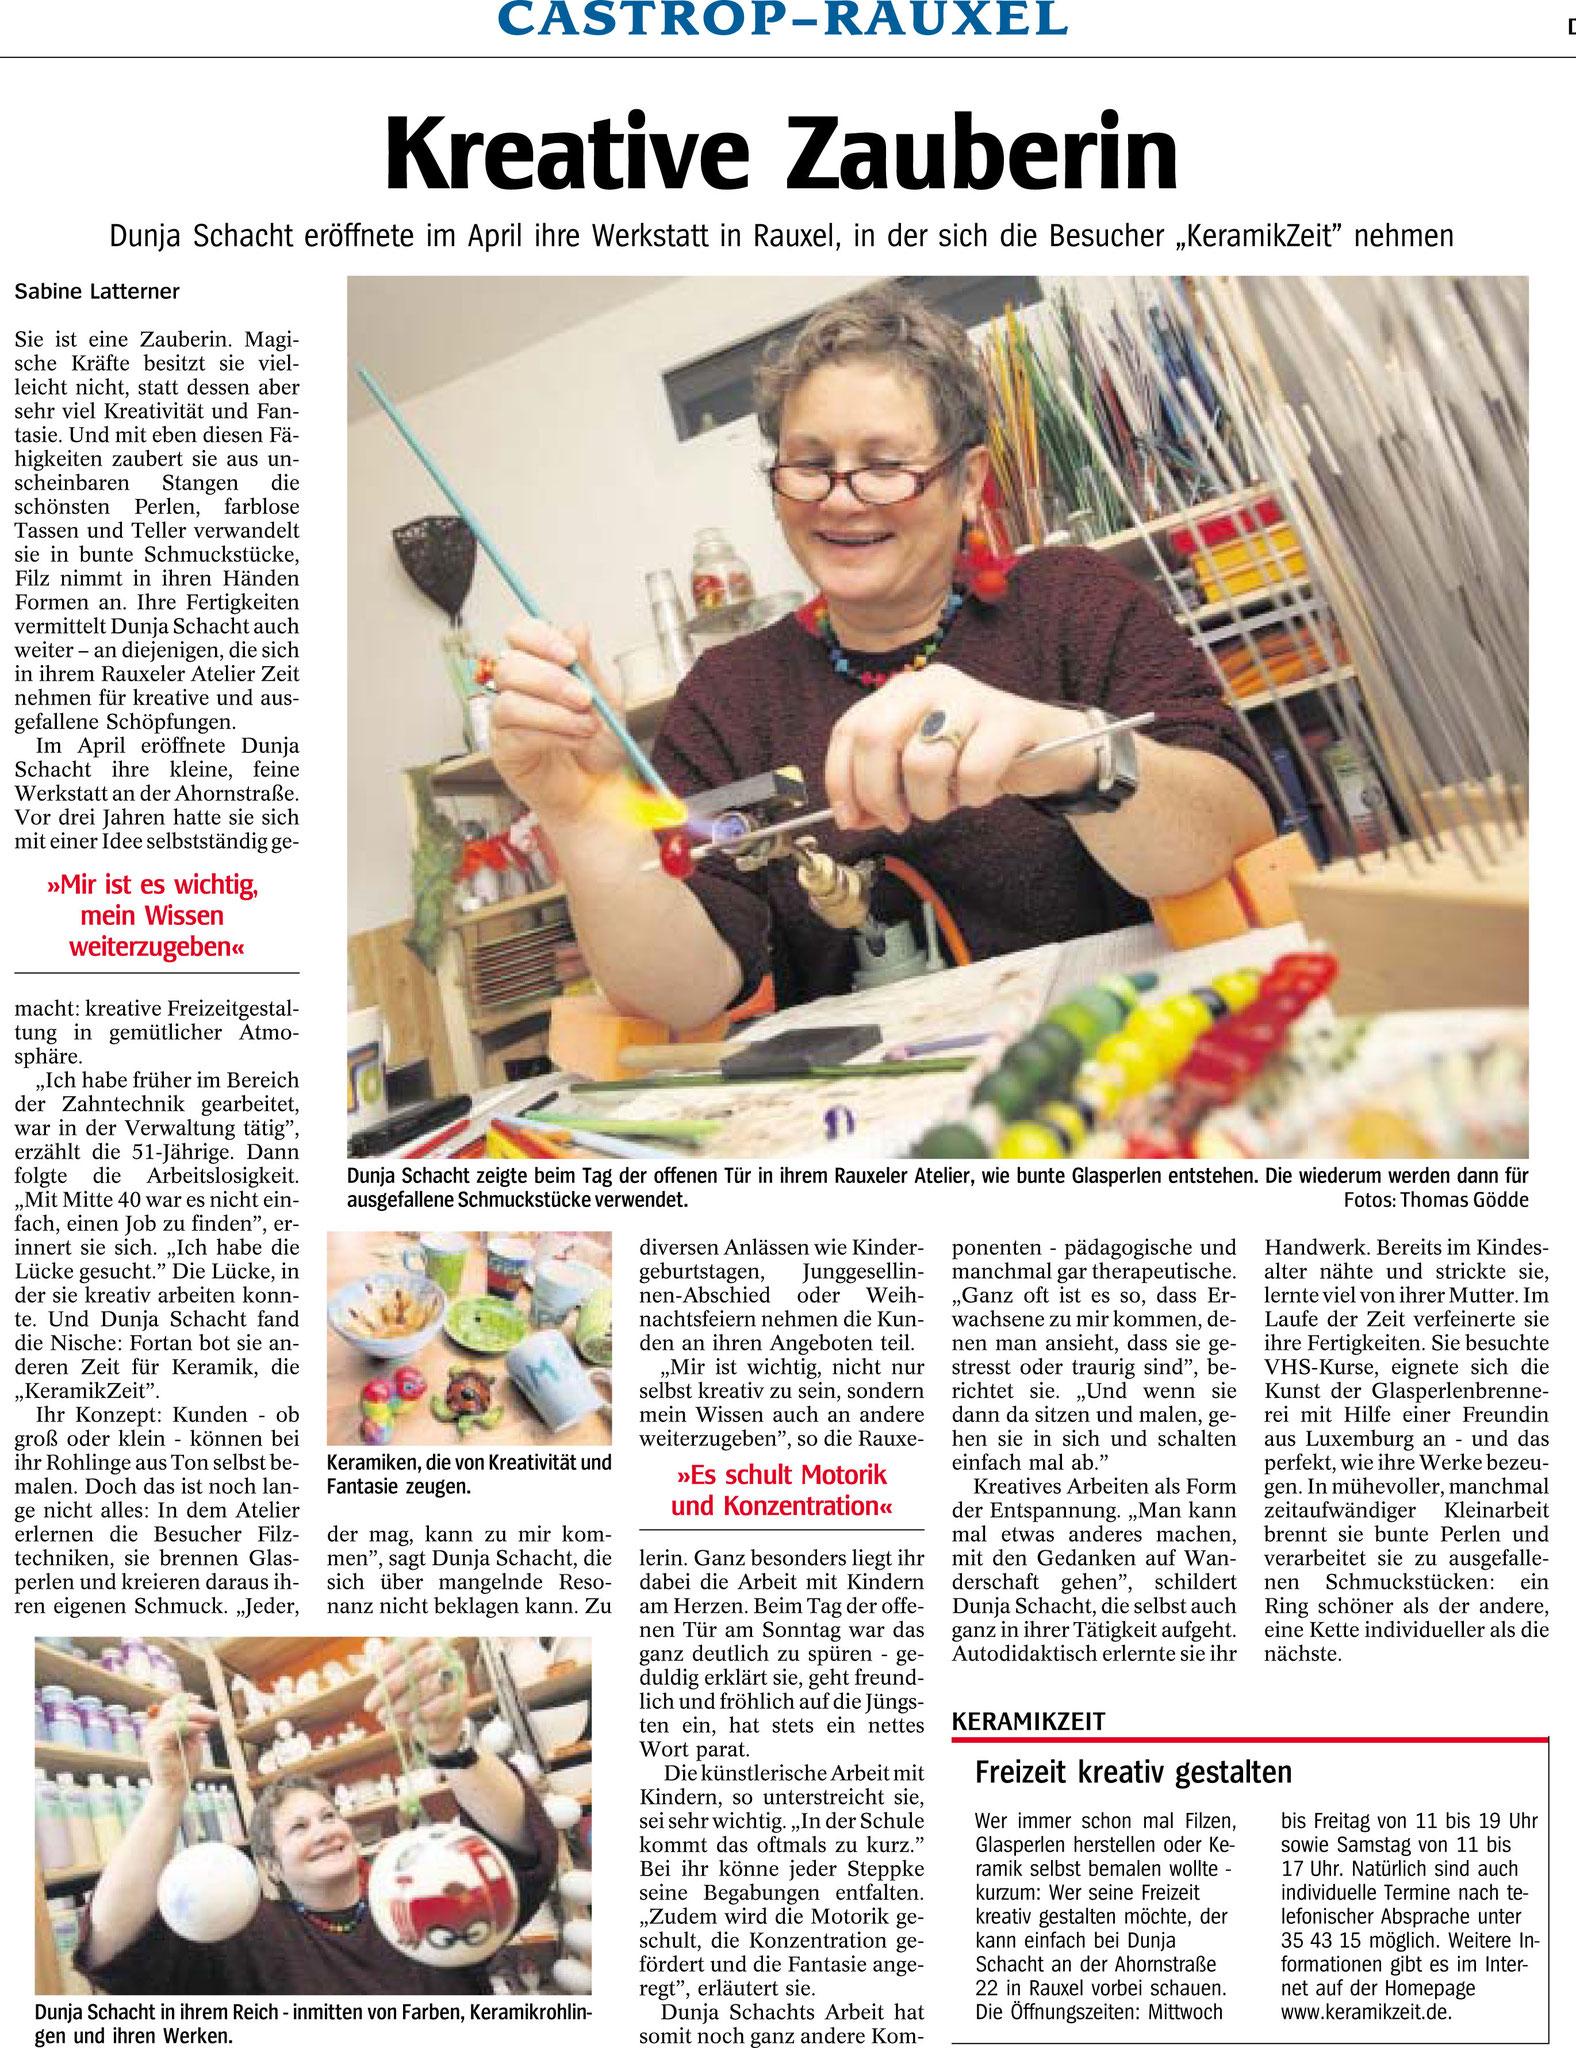 Neueröffnung der KeramikZeit in Castrop-Rauxel. (Quelle: WAZ vom 24.11.2009)